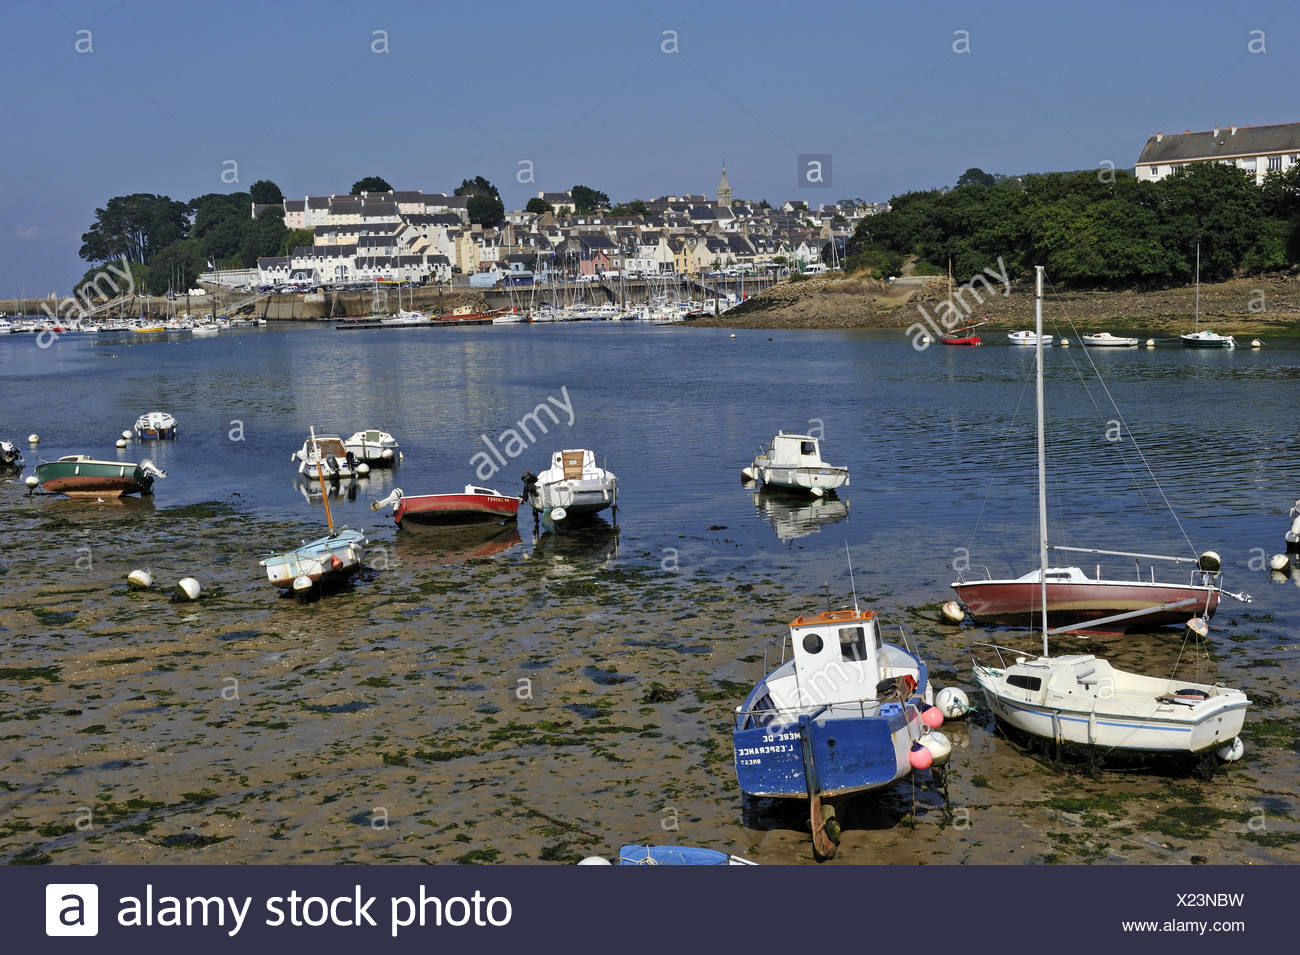 A lo largo de Atlantic fondos bay barco Brittany Coast color image cornouaille departamento Douarnenez Europa ría de la U.E. Imagen De Stock